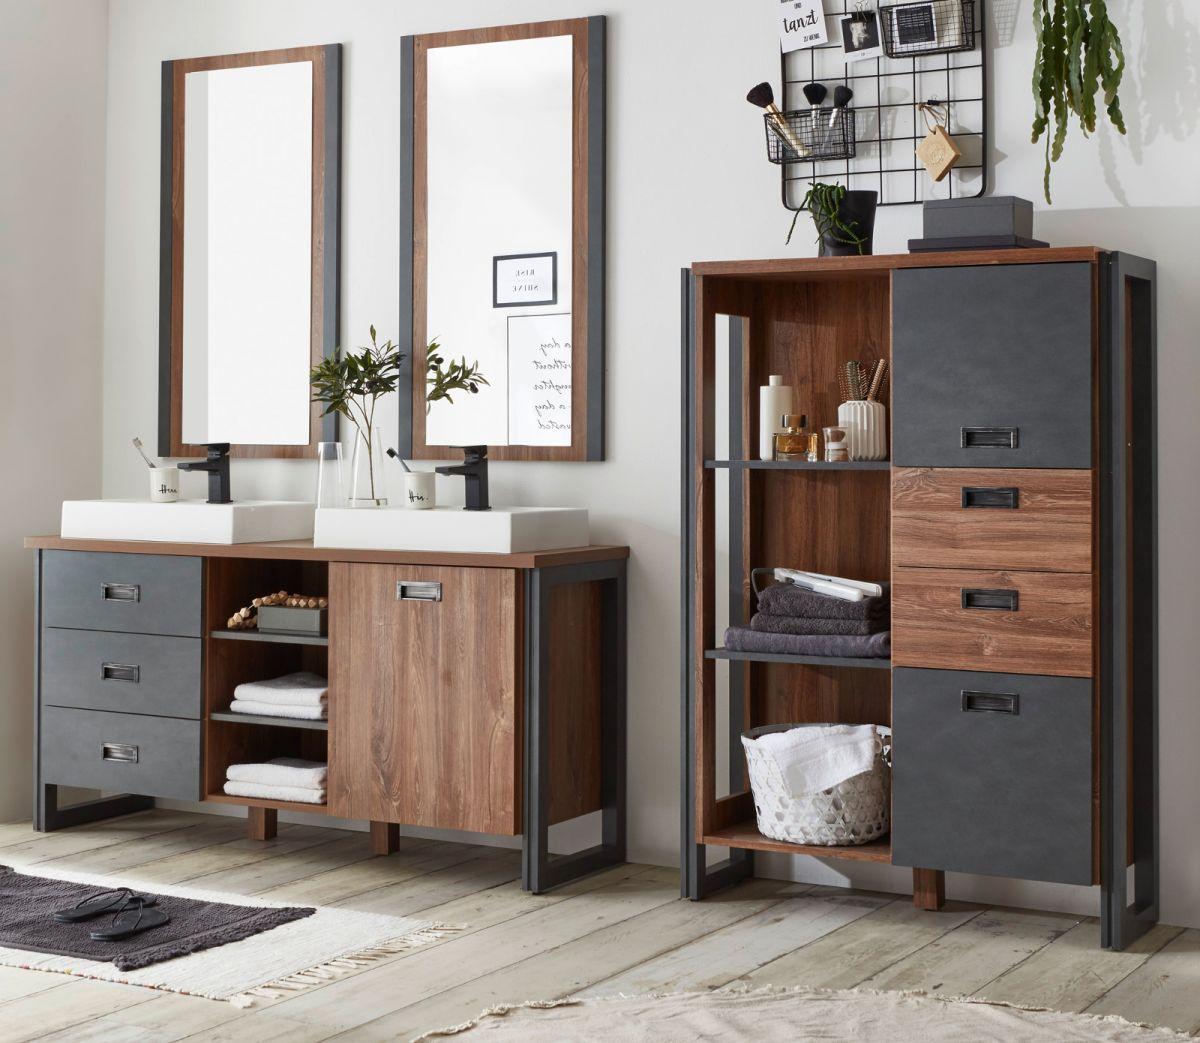 Badmöbel Set 6-teilig Auburn Eiche Stirling und Matera grau Doppelwaschtisch 248 x 205 cm